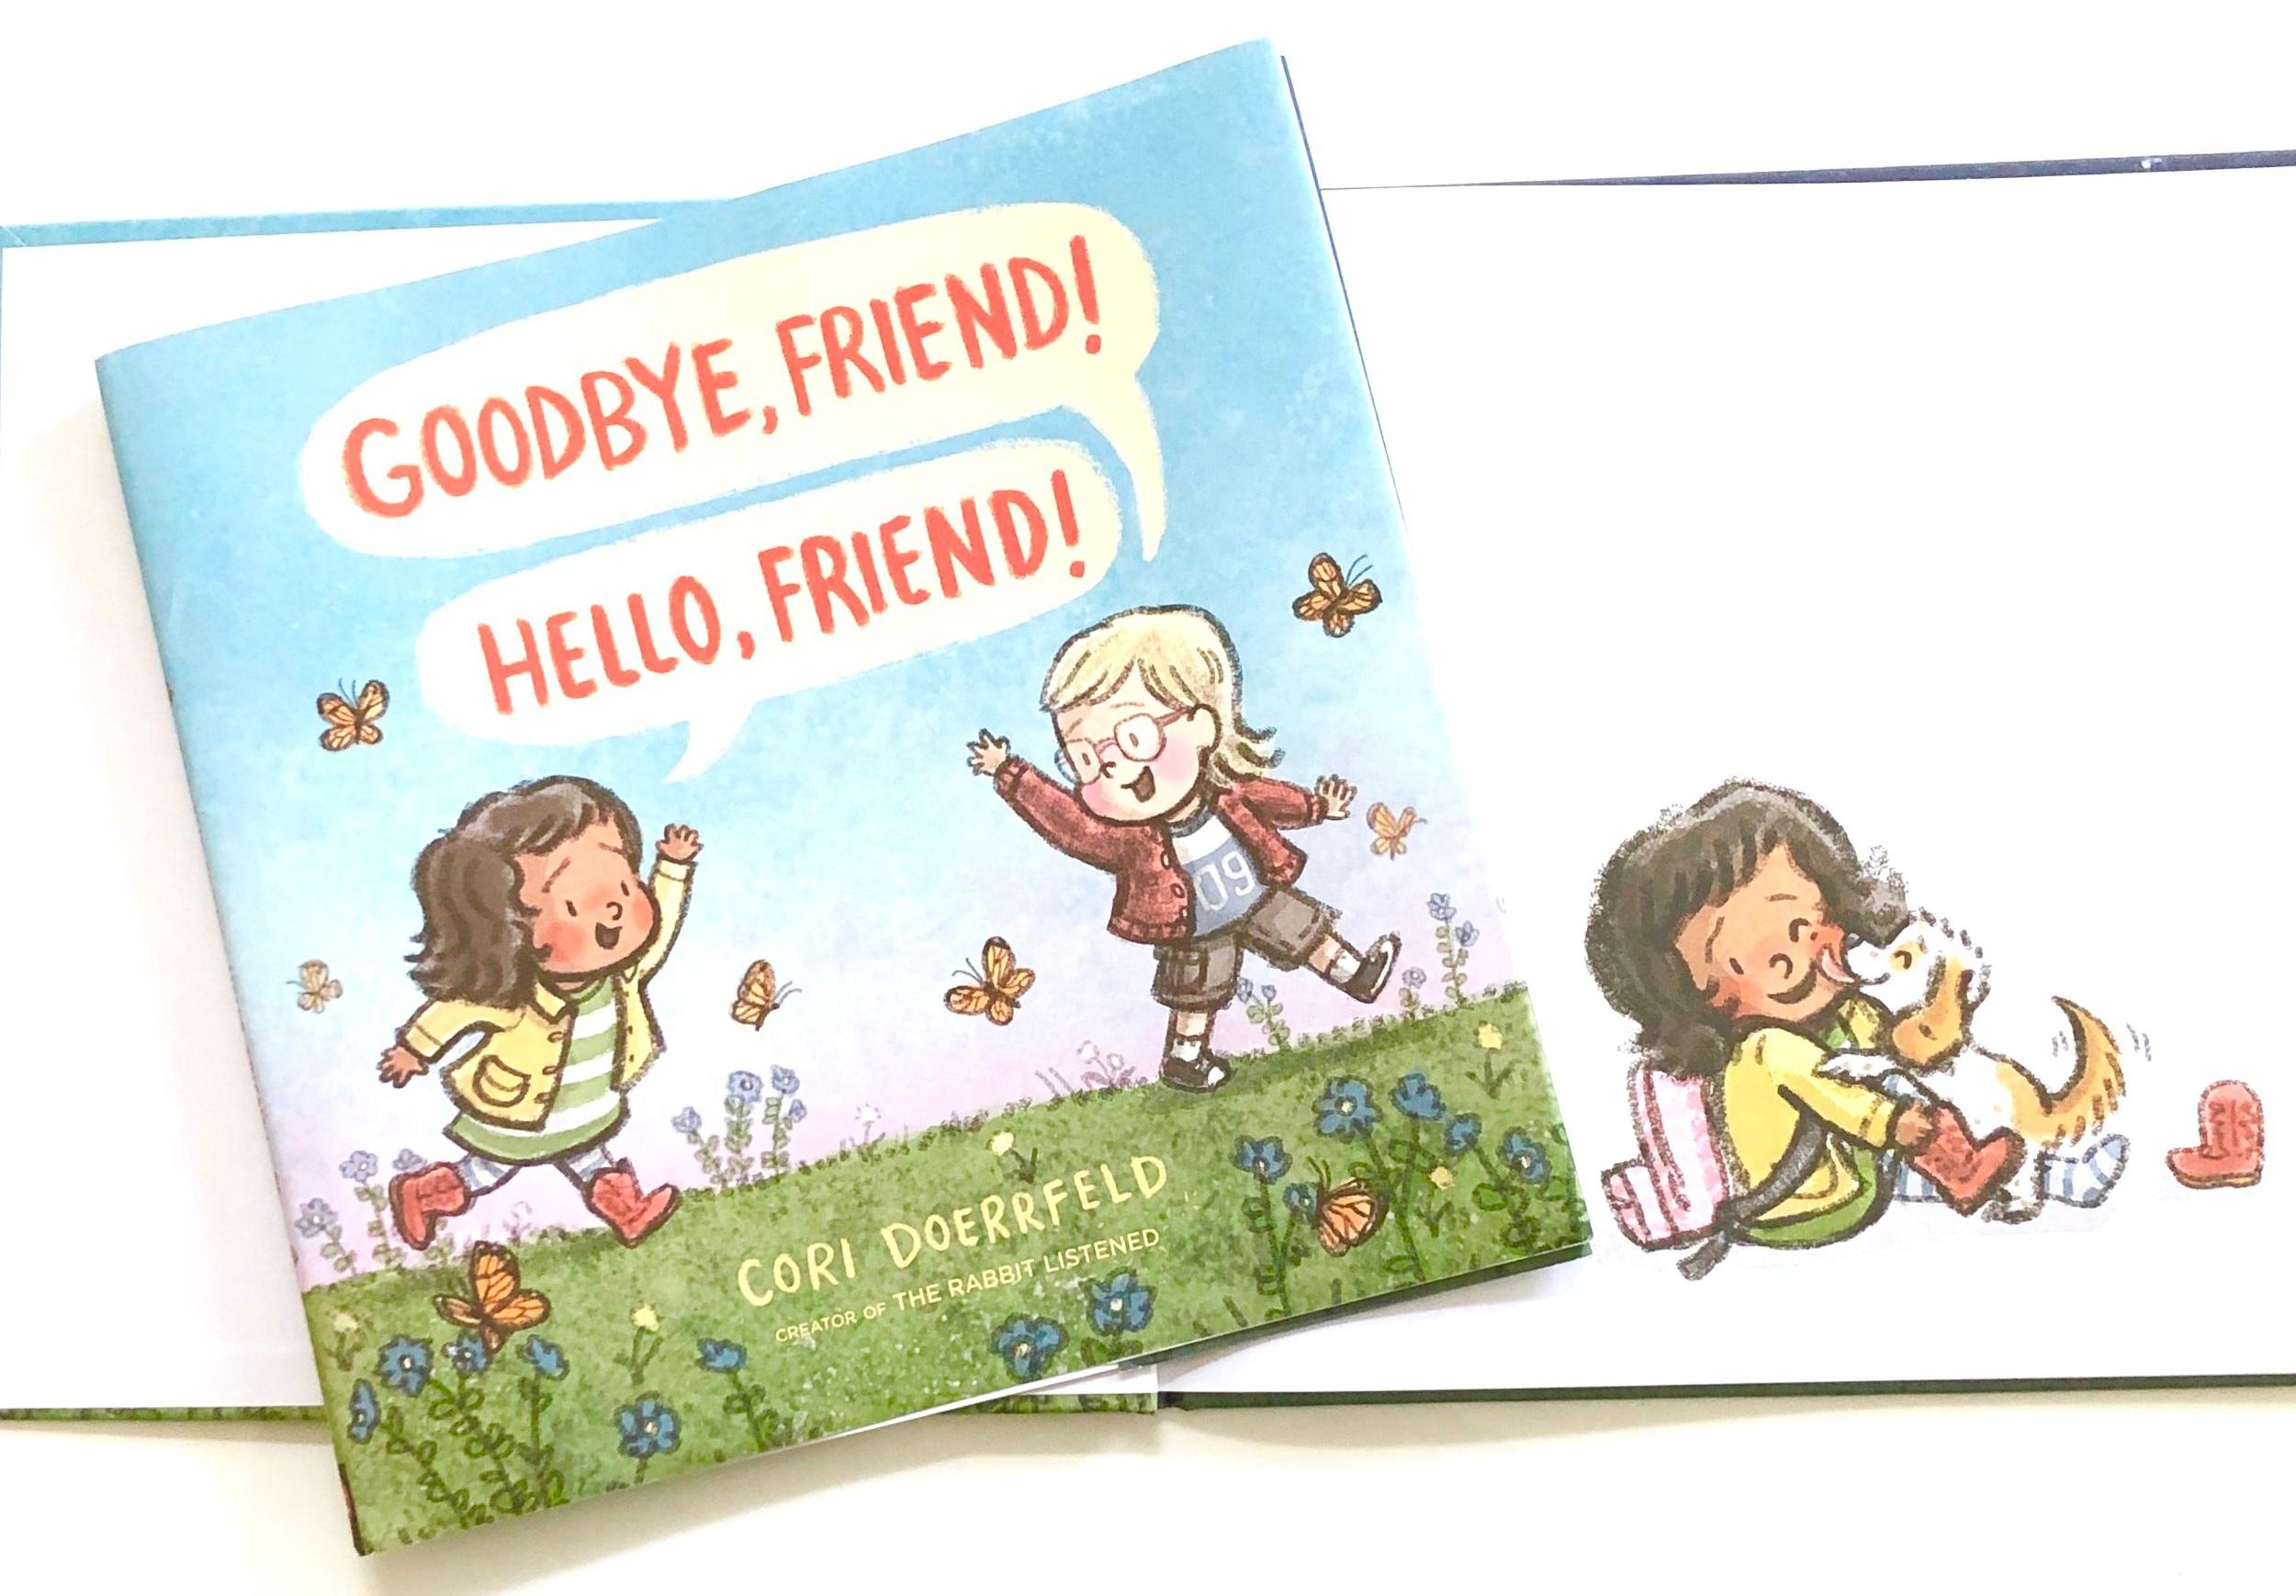 Goodbye, Friend! Hello Fried, by Cori Doerrfeld